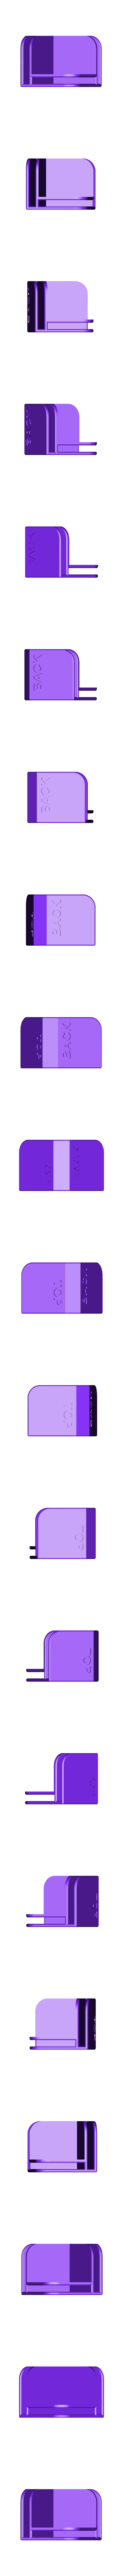 corner_top-back-right.stl Télécharger fichier STL gratuit Boîtier en plastique ondulé pour imprimantes 3D (pièces jointes) • Modèle pour imprimante 3D, CyberCyclist